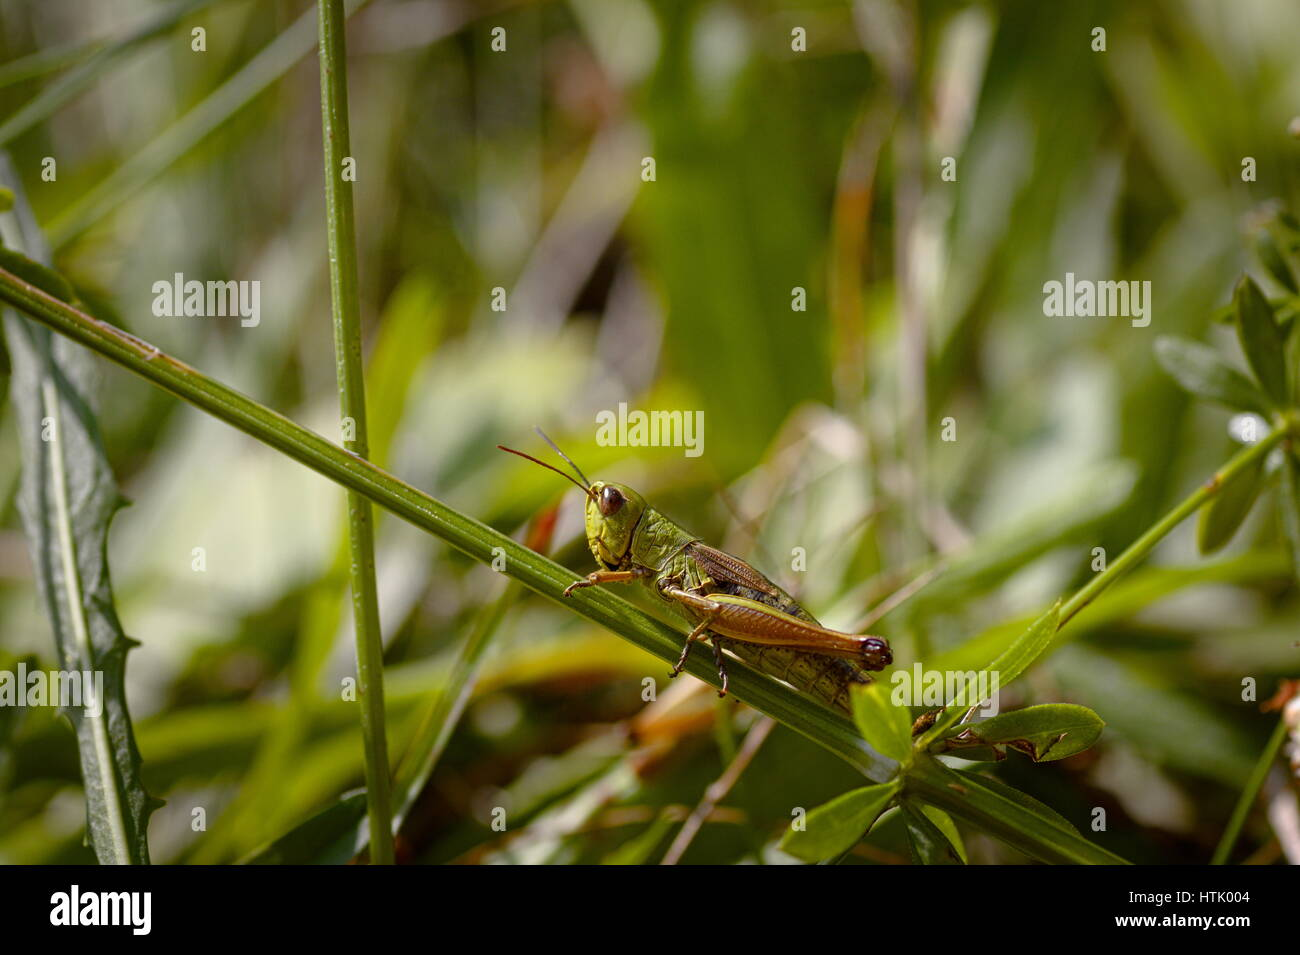 Grüne Heuschrecke auf einem Stiel des Grases in Lika, Kroatien Stockfoto